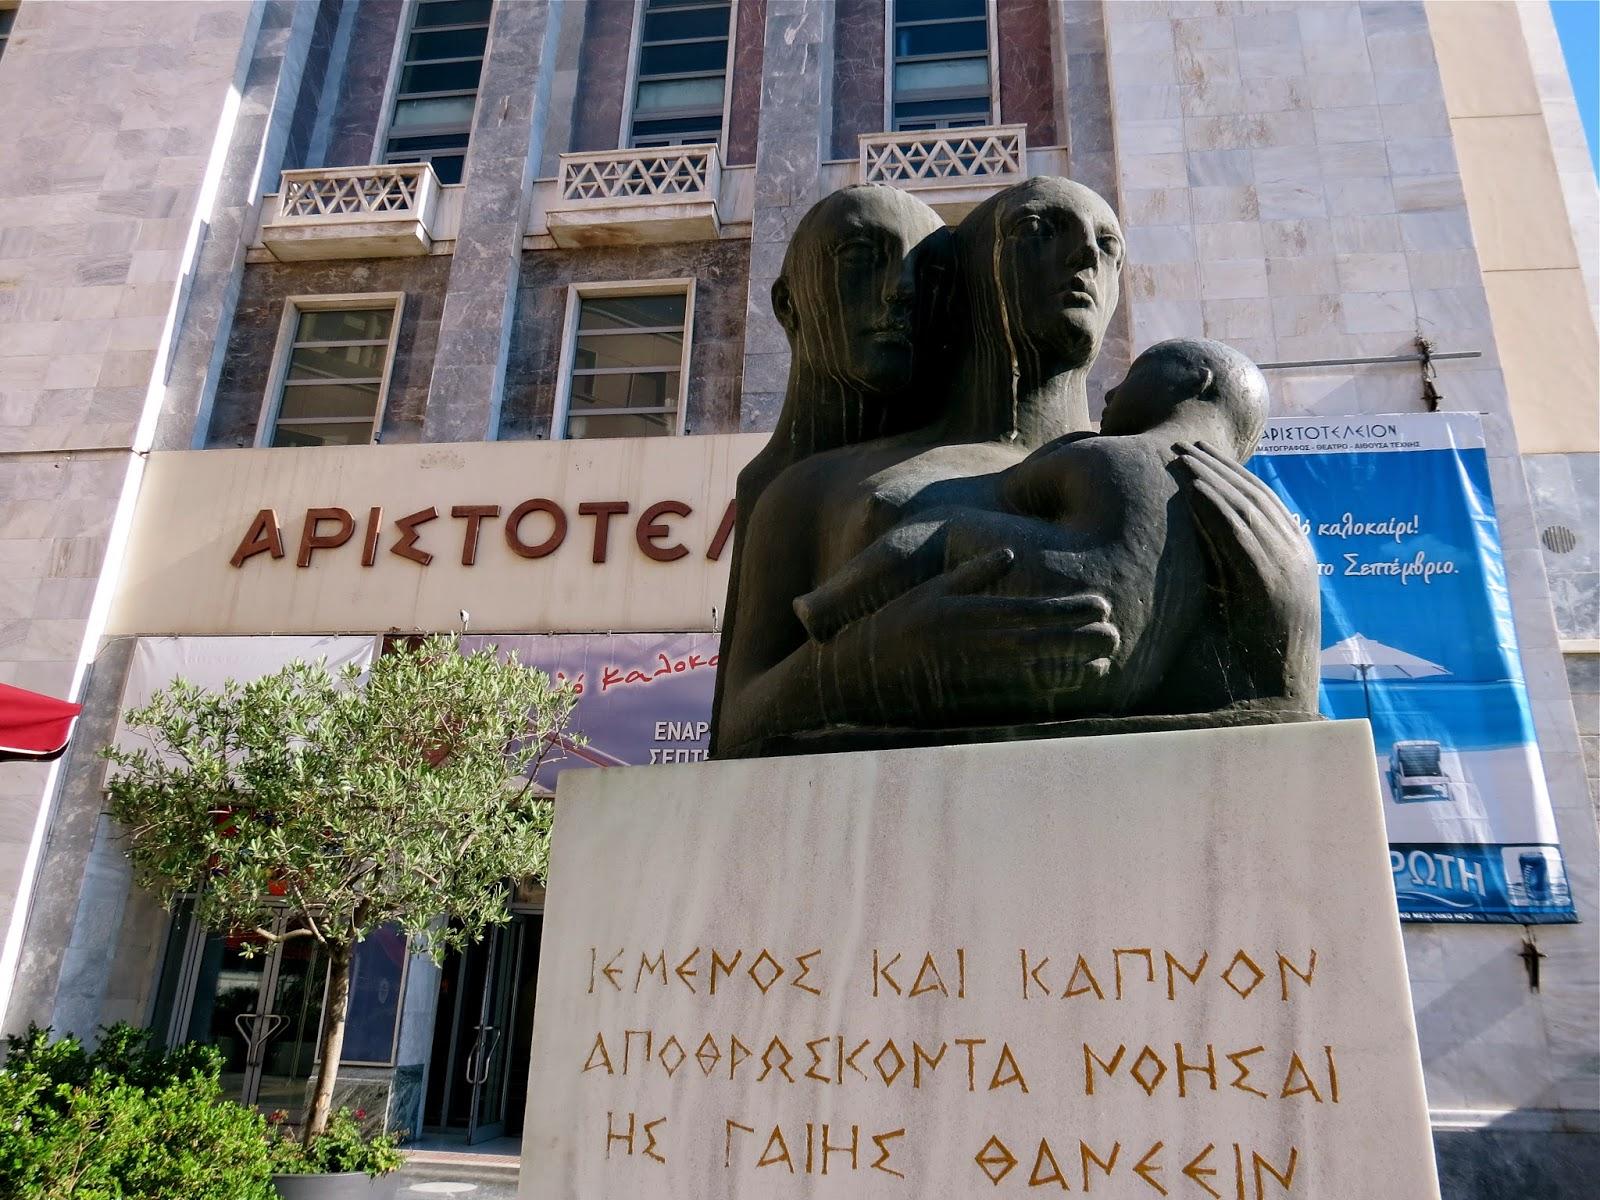 Thessaloniki statue